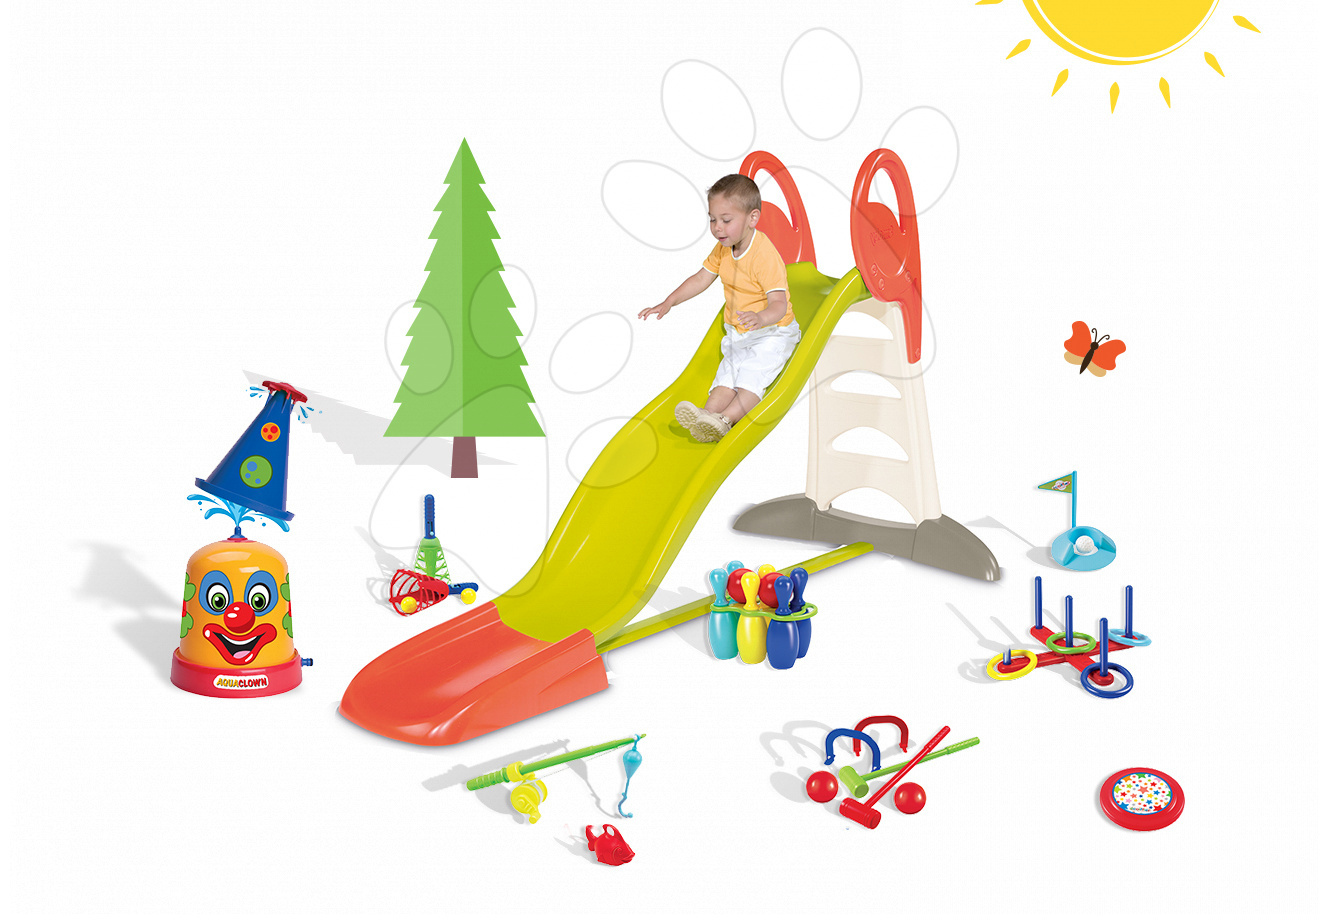 Set skluzavka pro děti Toboggan XL Smoby s vodou délka 2,3 m a stříkací vodní klaun a sportovní set 7 her